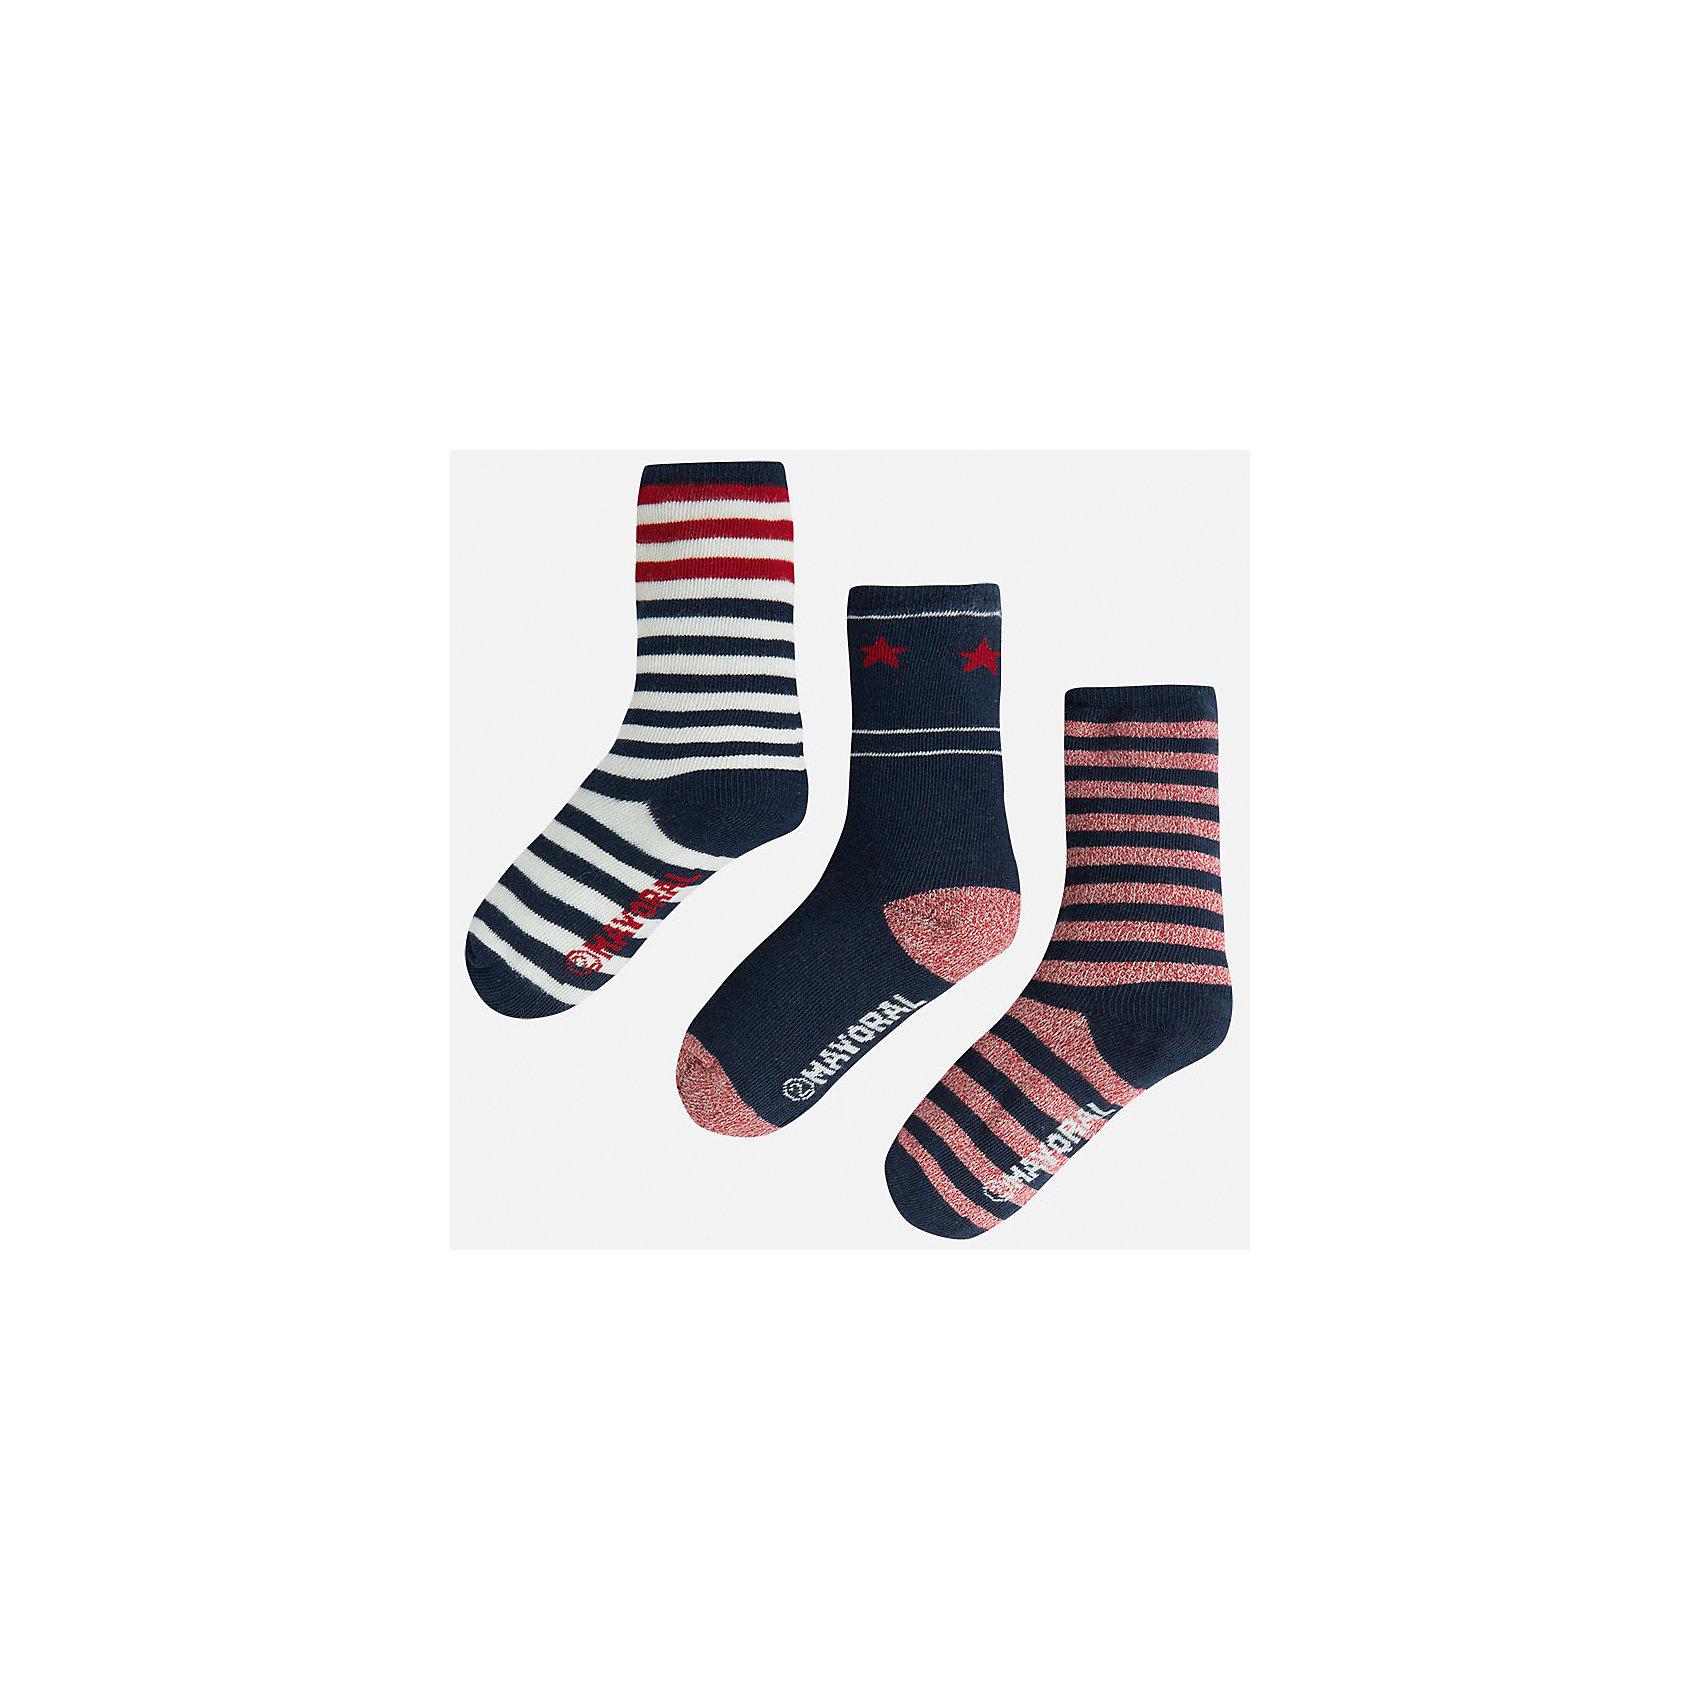 Носки для мальчика, 3 парыКомплект из 3 пар носков для мальчика от известного испанского бренда Mayoral. Носки выполнены из качественных дышащих материалов. Каждая пара имеет отдельную расцветку. Классические носки в полоску идеально подойдут к гардеробу вашего ребенка.<br>Дополнительная информация:<br>-цвет: черный с красными, белыми и светло-красными полосками<br>-состав: 72% хлопок, 25% полиамид, 3% эластан<br>Комплект носков Mayoral вы можете приобрести в нашем интернет-магазине<br><br>Ширина мм: 87<br>Глубина мм: 10<br>Высота мм: 105<br>Вес г: 115<br>Цвет: бордовый<br>Возраст от месяцев: 60<br>Возраст до месяцев: 72<br>Пол: Мужской<br>Возраст: Детский<br>Размер: 6,4,8<br>SKU: 4820129